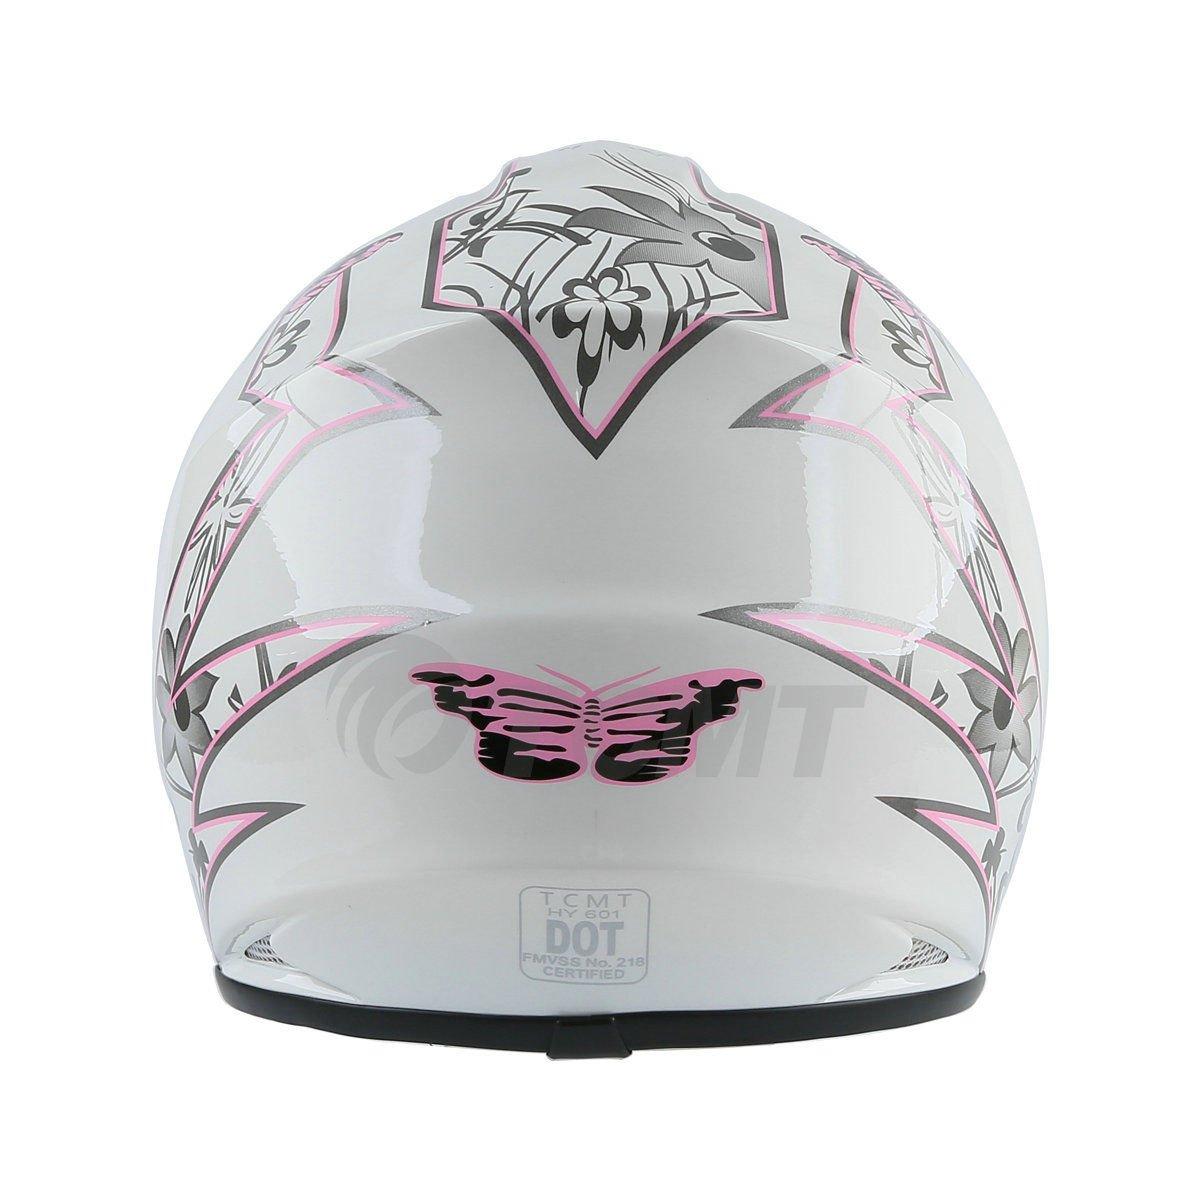 TCMT Dot Youth /& Kids Motocross Offroad Street Helmet Black Skull Motorcycle Helmet Silver Dirt Bike Helmet+Goggles+gloves M